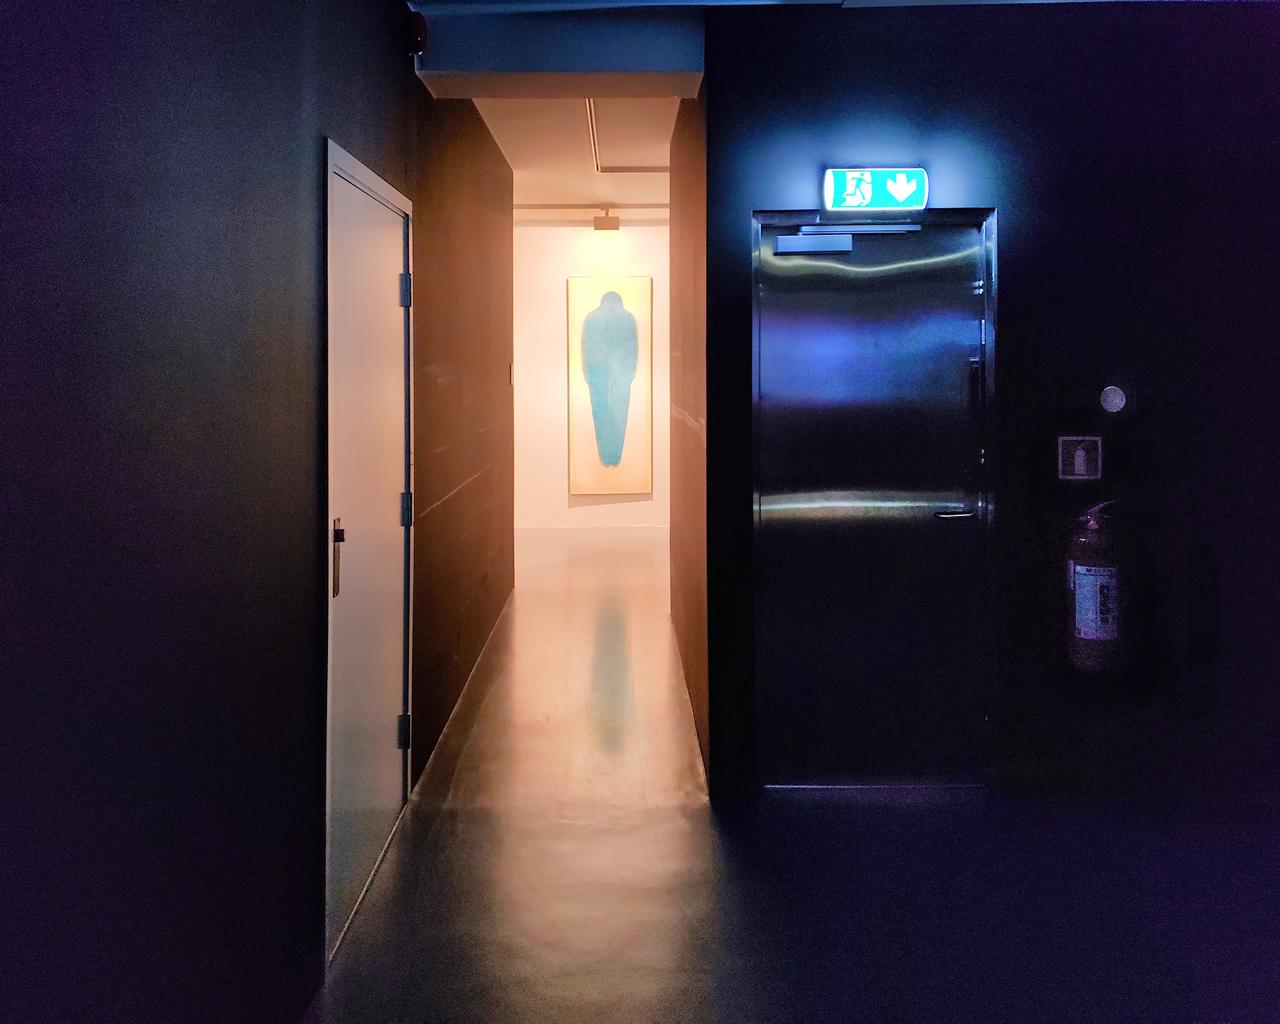 Oslo 23:30